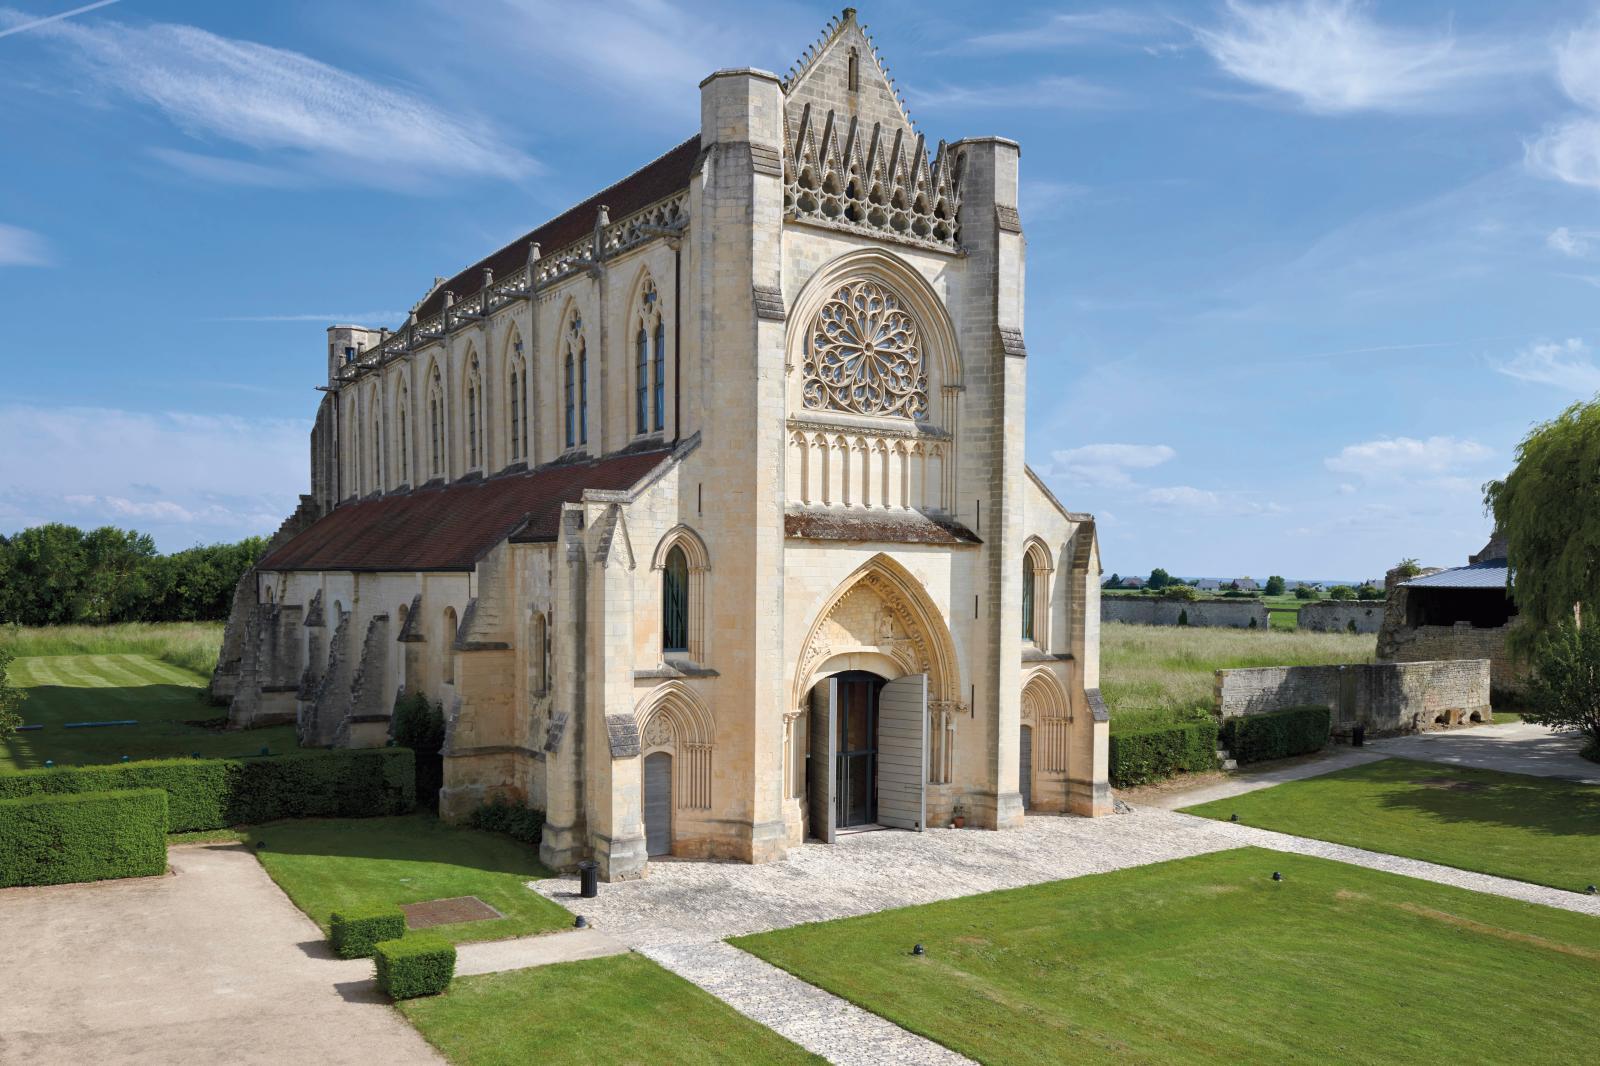 L'église du XIIIesiècle a été réaménagée en salle de lecture par Agnès Pontremoli et Bruno Decaris (Opus5), prix Europa Nostra 2011 pour